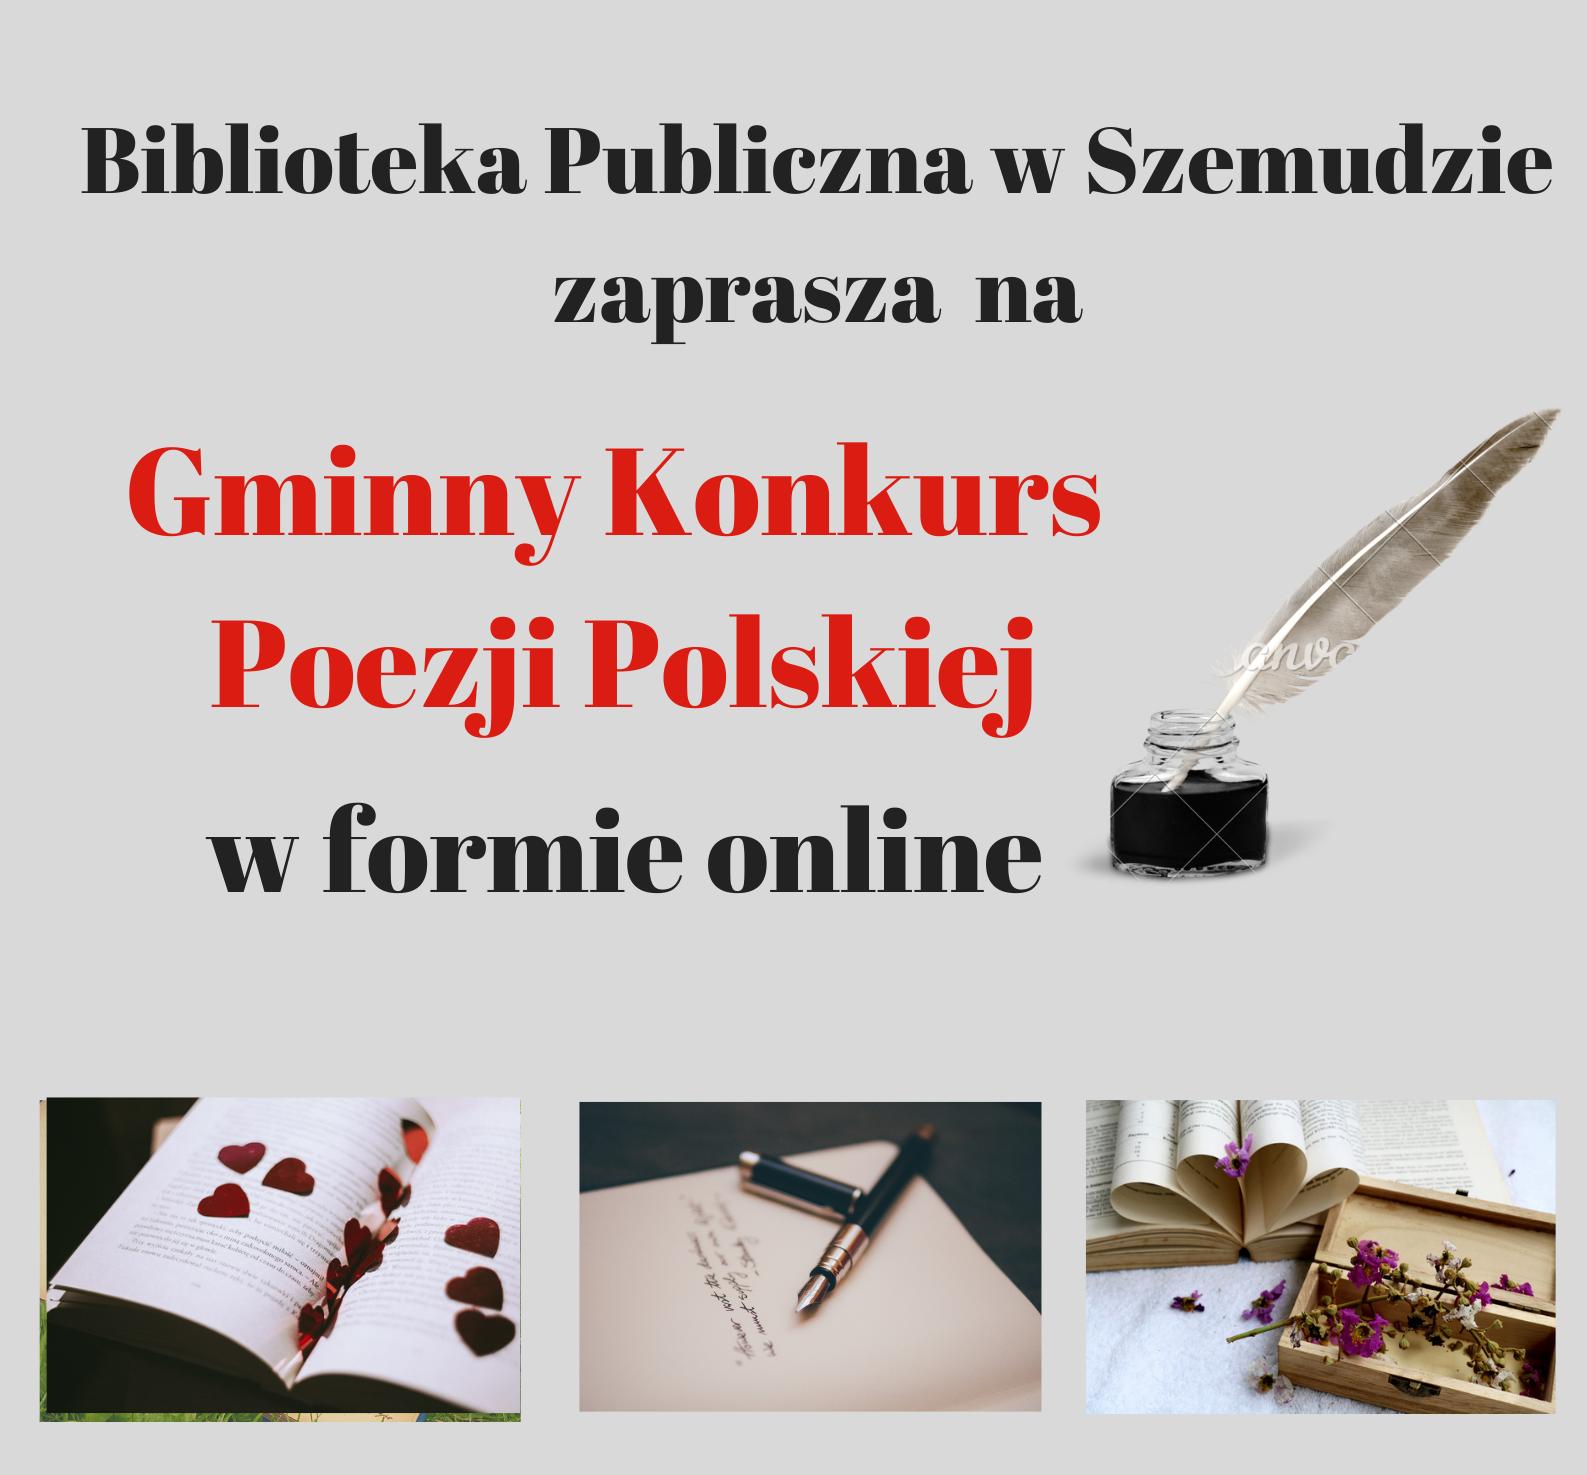 Kamila Czoska i Fabian Okrój Laureatami Gminnego Konkursu Poezji i Prozy Polski